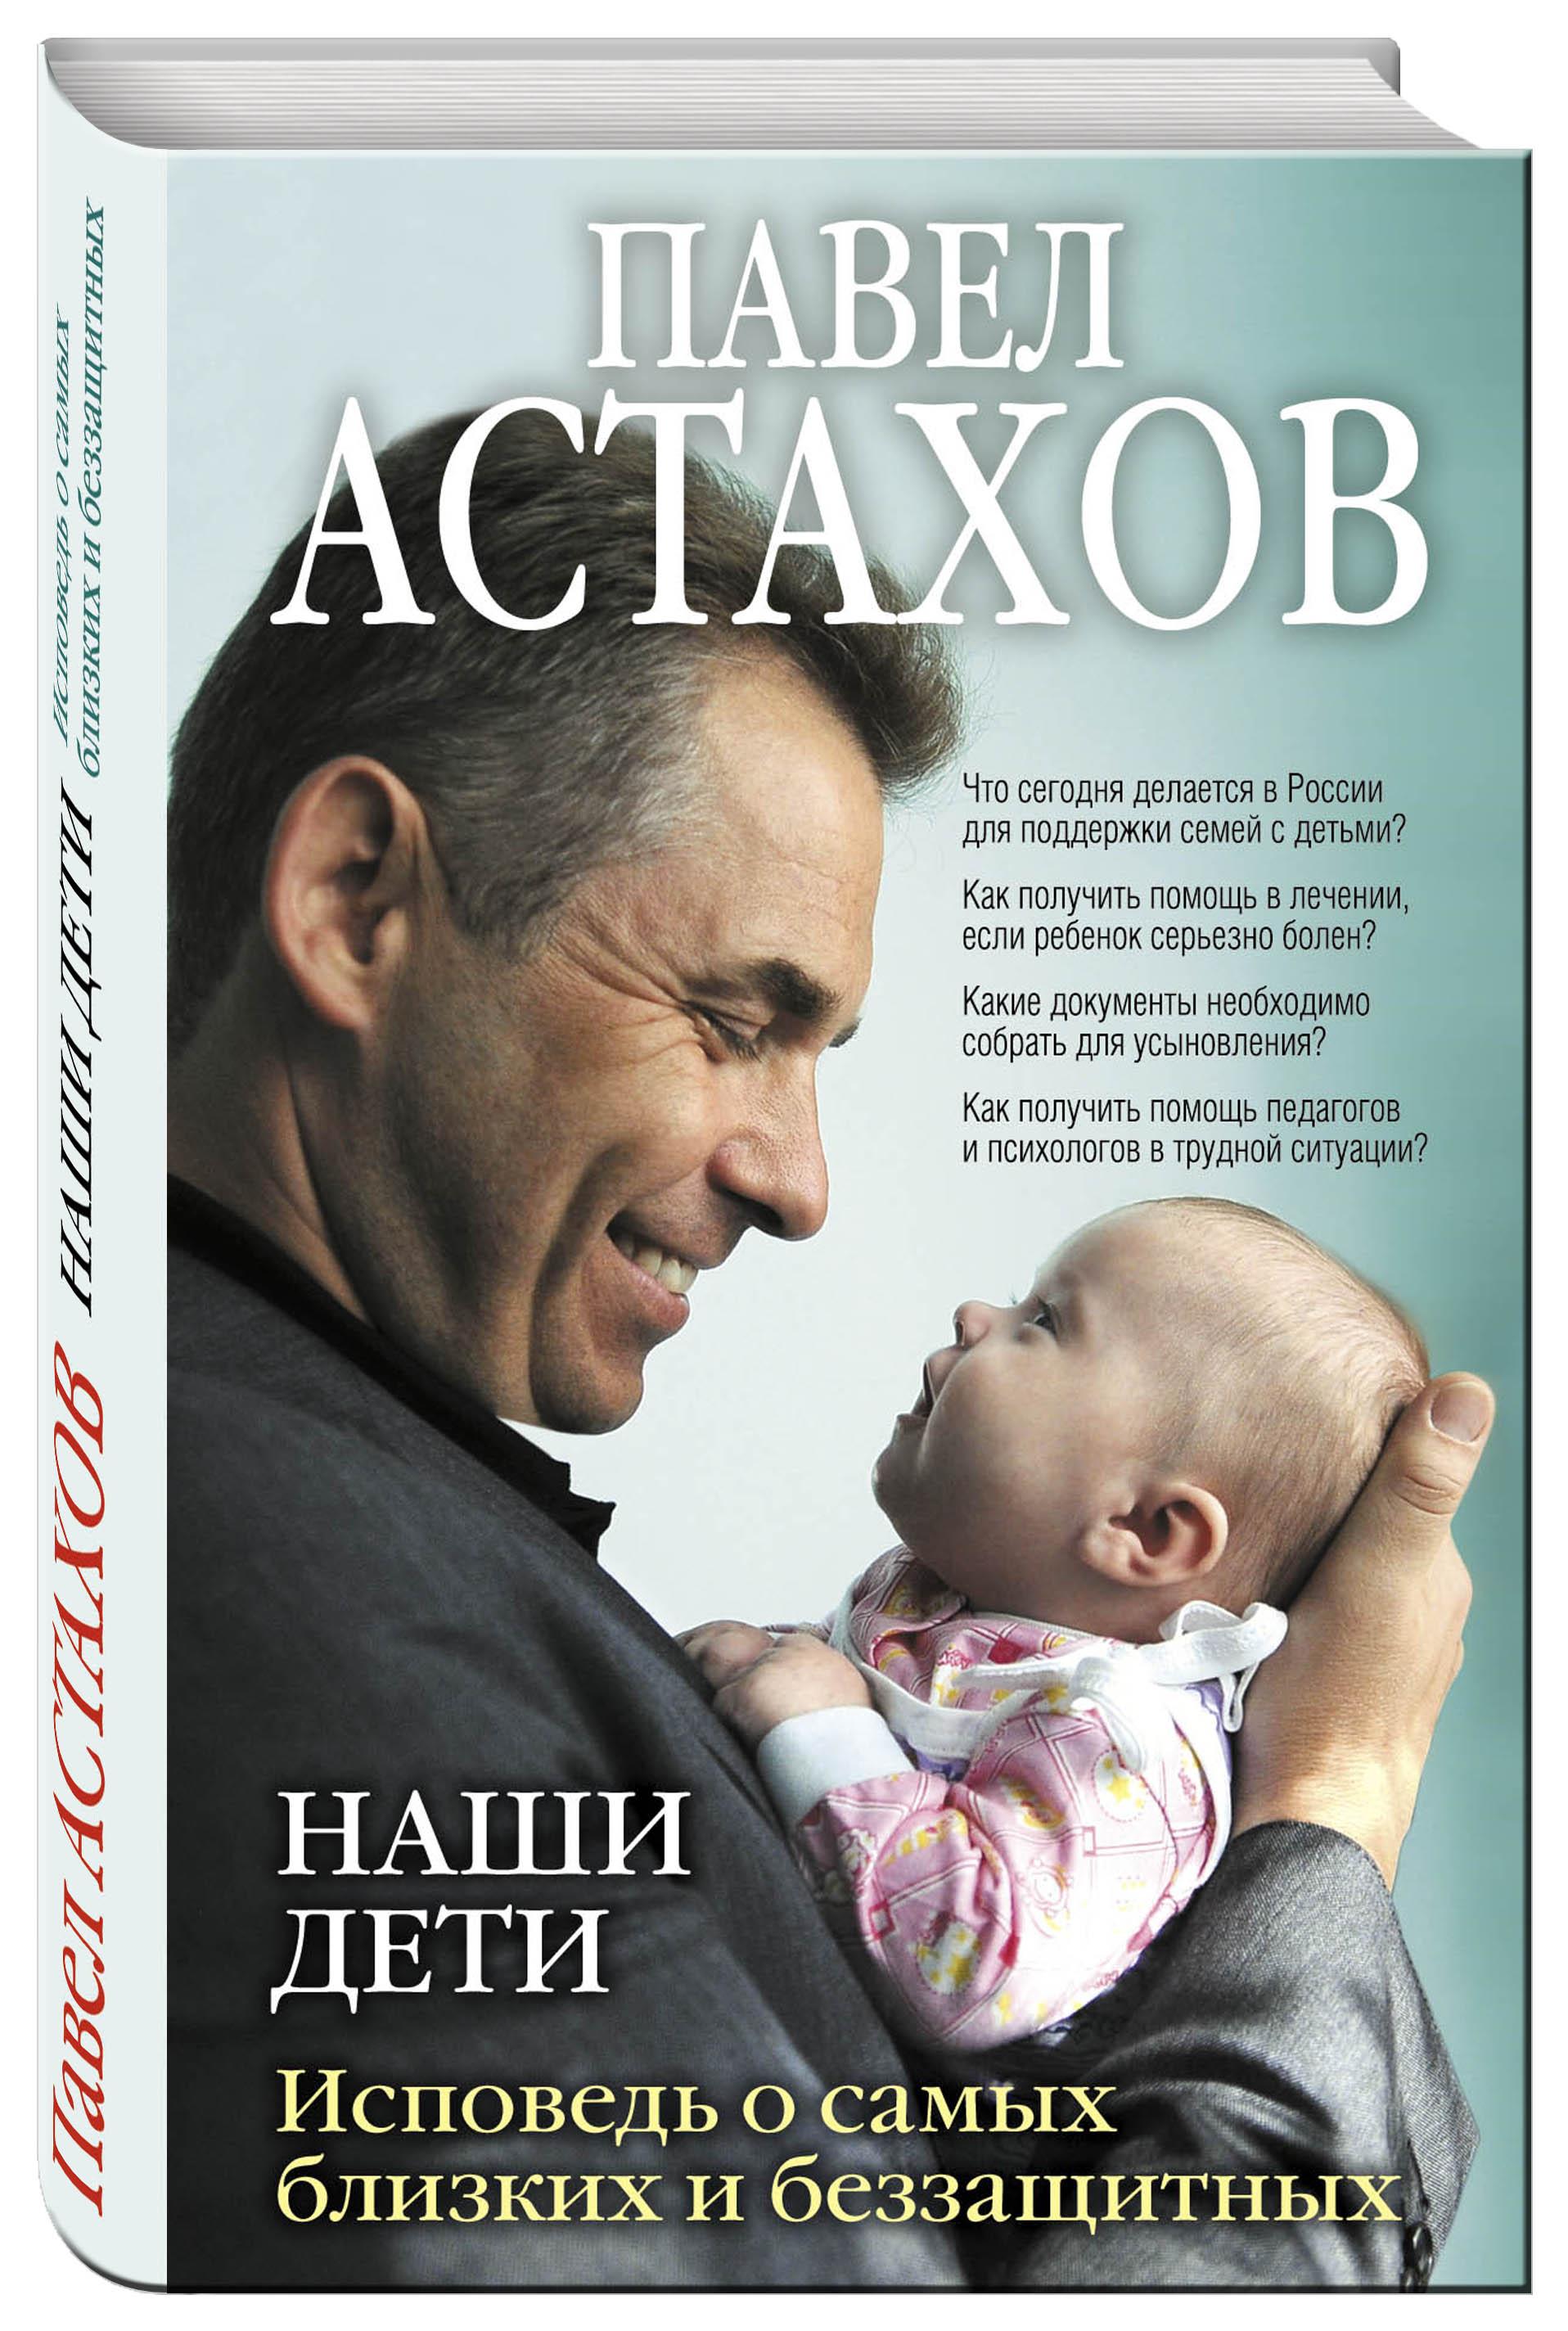 Наши дети. Исповедь о самых близких и беззащитных от book24.ru